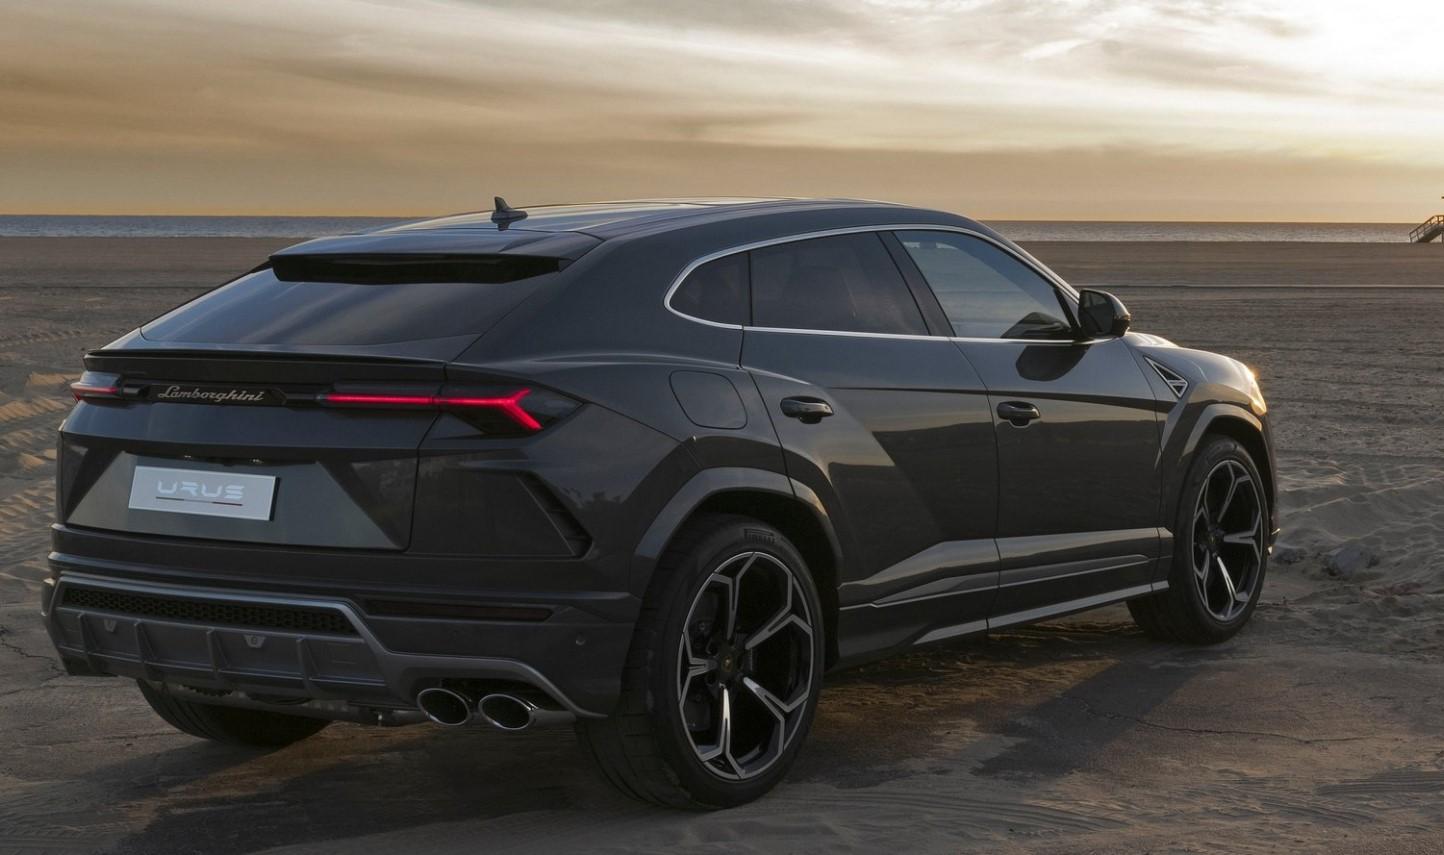 Lamborghini Urus precio 1